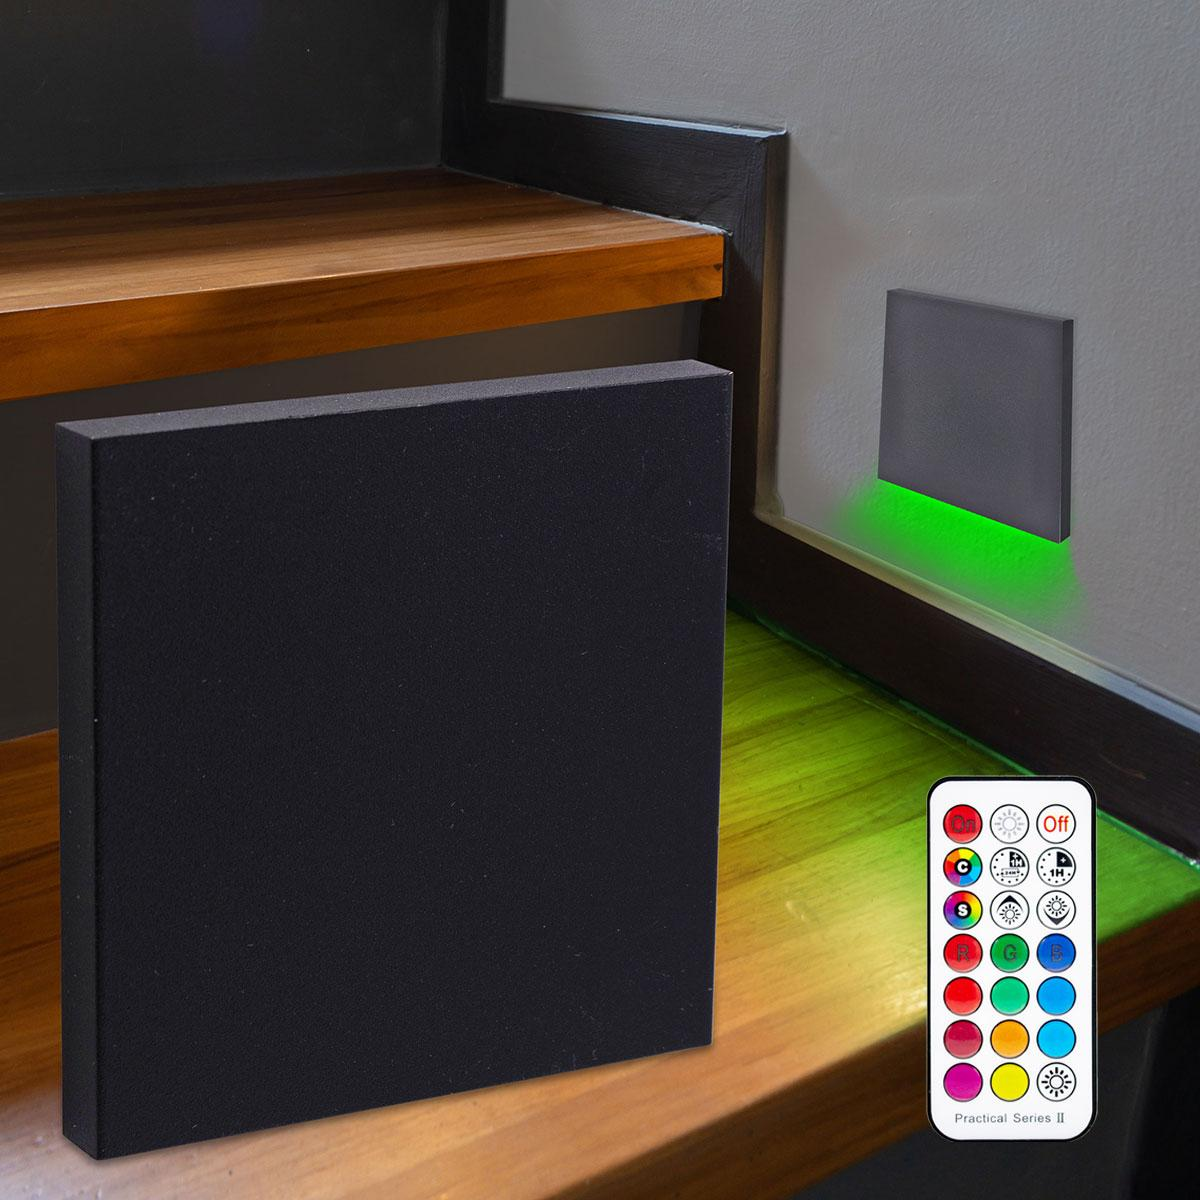 LED Treppenbeleuchtung Wandeinbauleuchte RGB+Warmweiß 230V 3W schwarz Lichtaustritt unten